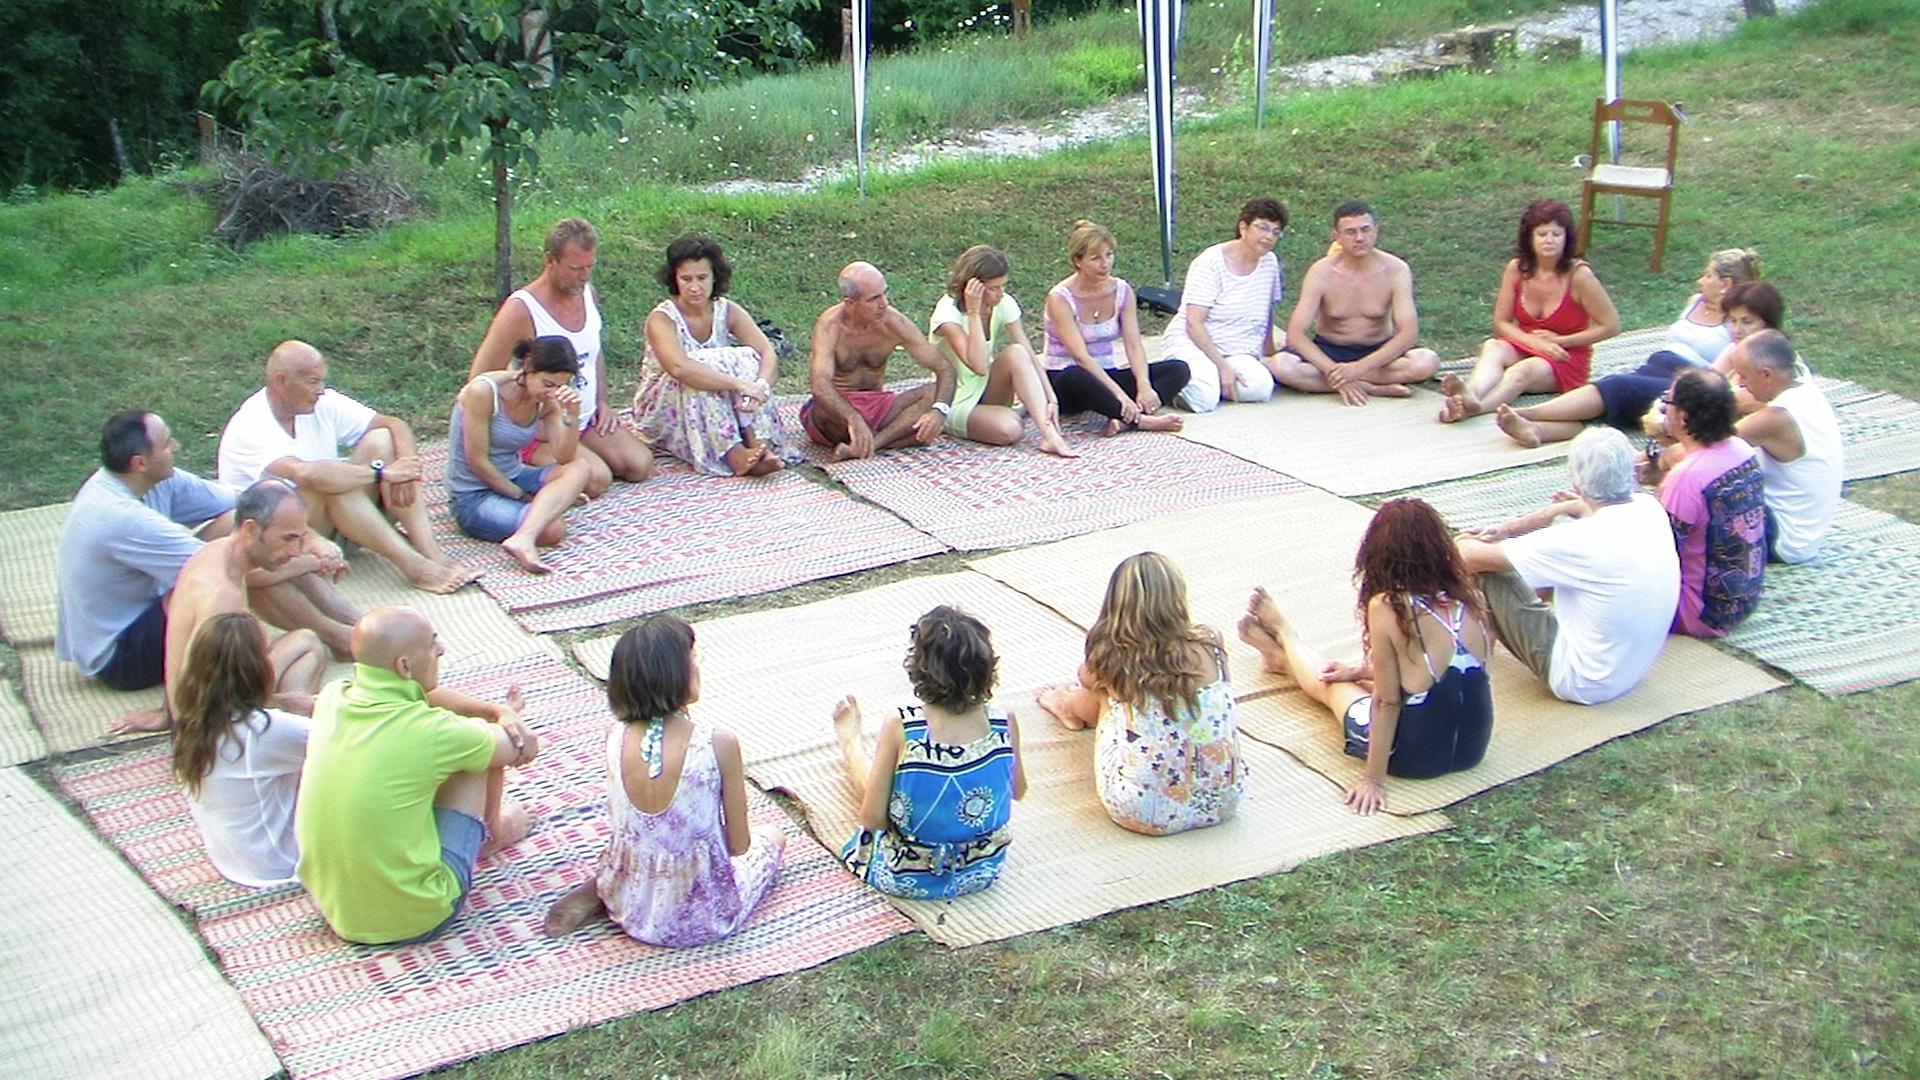 TOSCANA - VACANZA ESTIVA 1-15 agosto